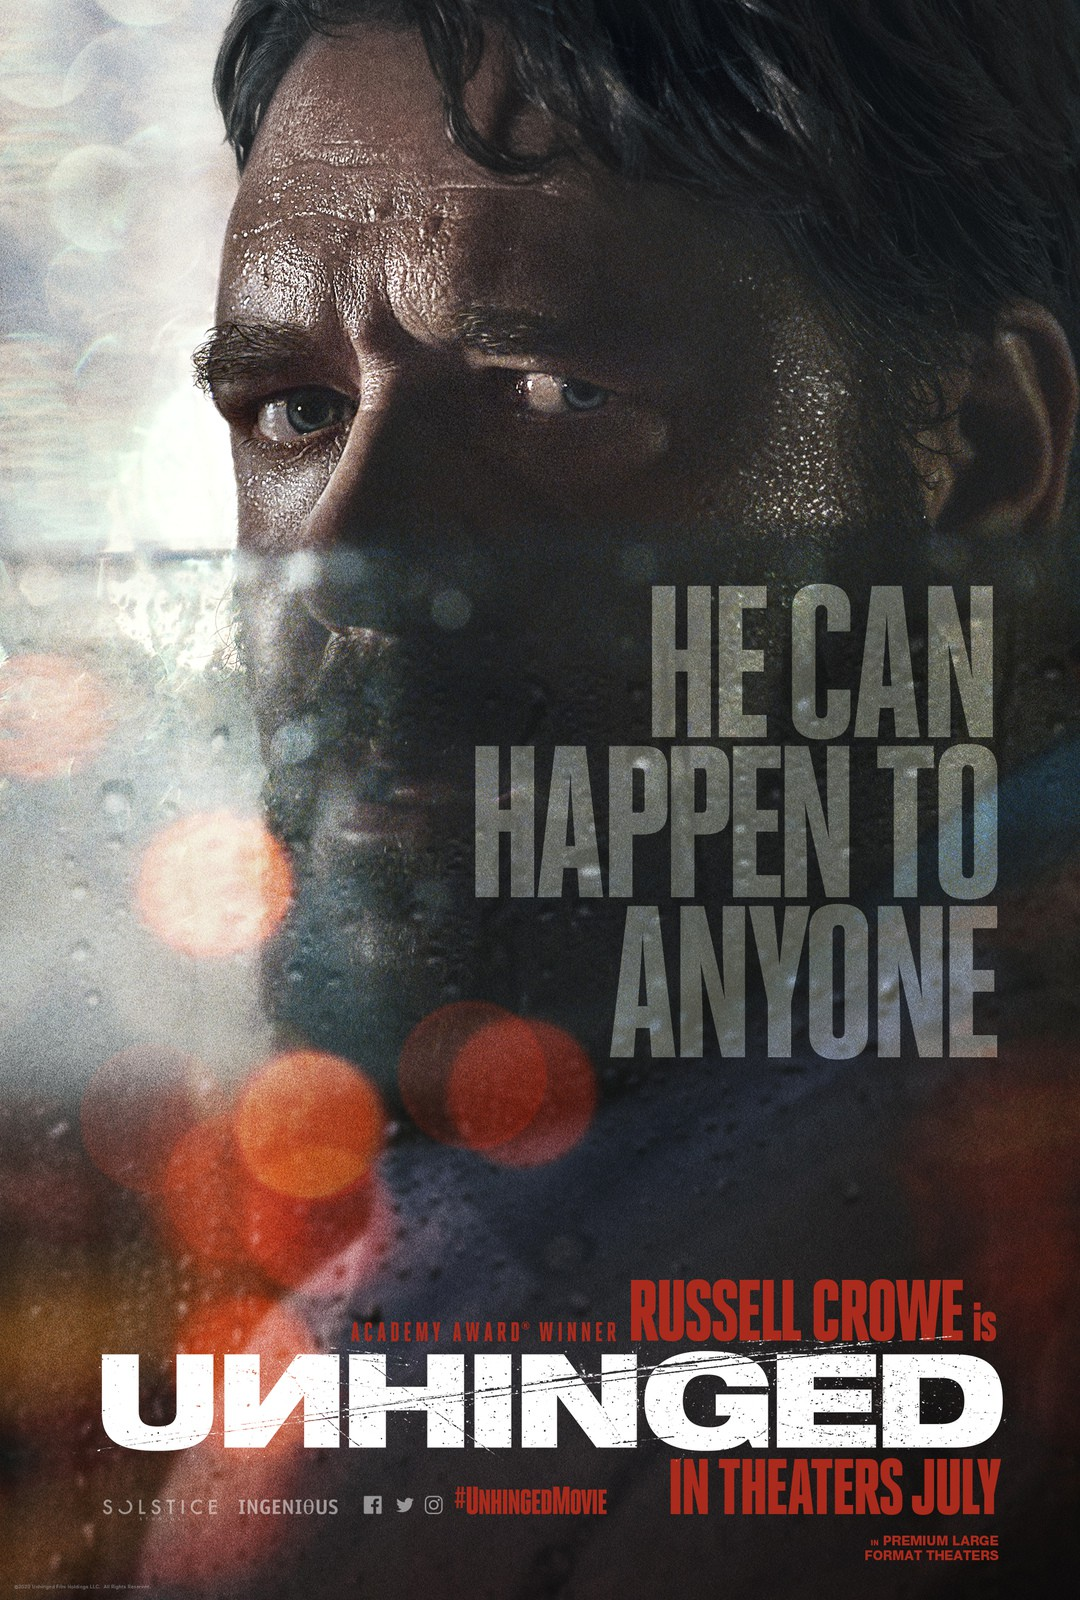 Unhinged: Russell Crowe eskaliert im ersten Trailer - Bild 1 von 2